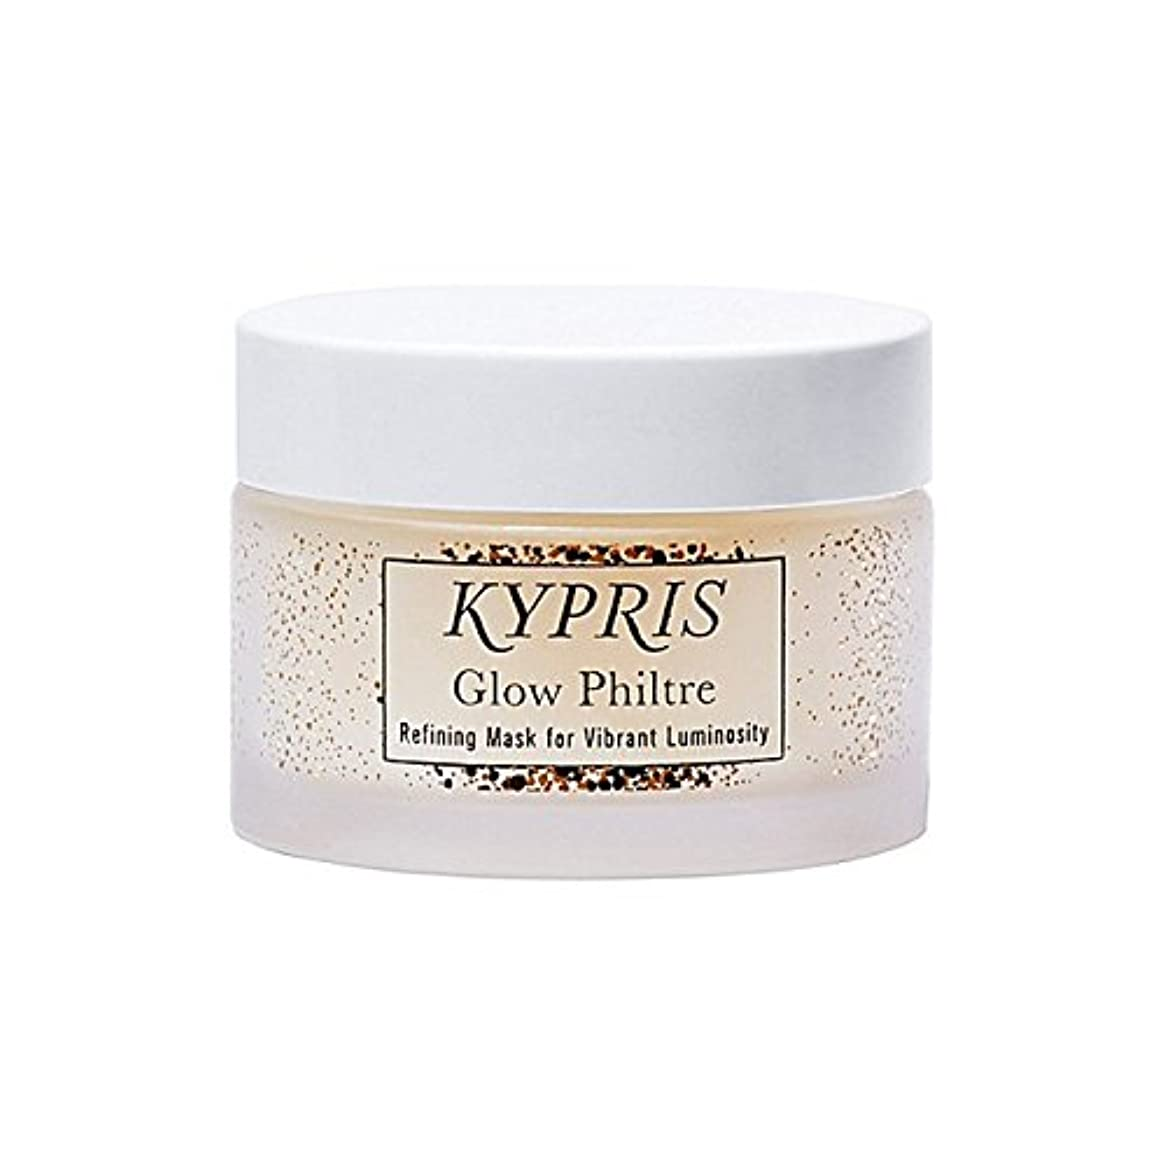 つぼみ盲信形容詞グローマスク x4 - Kypris Glow Philtre Mask (Pack of 4) [並行輸入品]